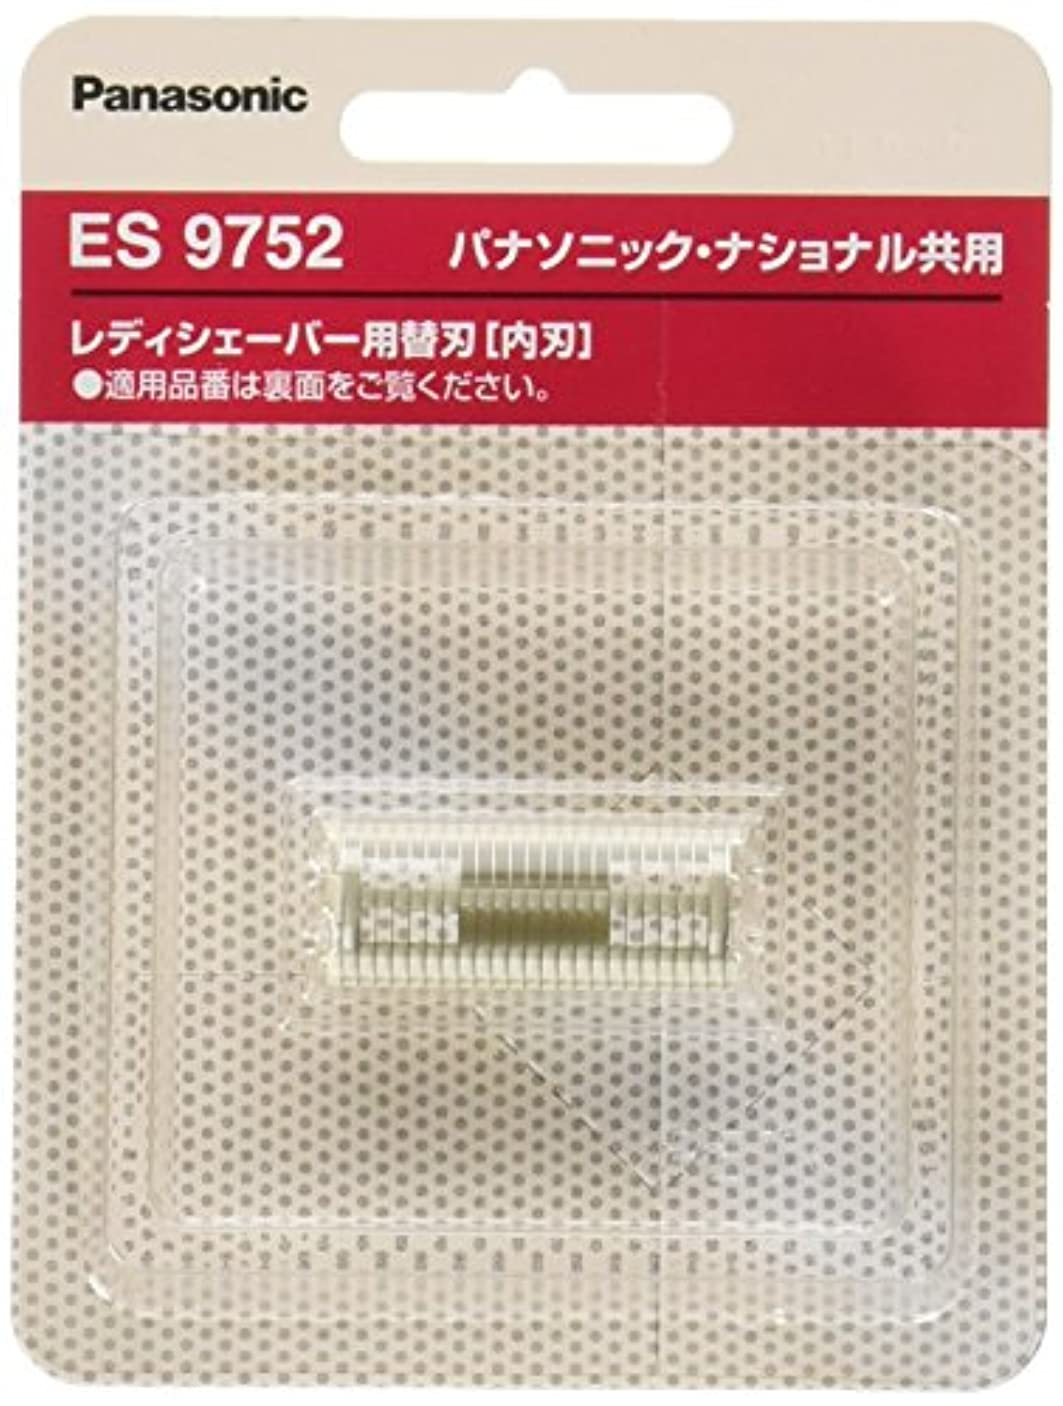 アミューズ原点かんがいパナソニック 替刃 レディシェーバー用 内刃 F-14 ES9752